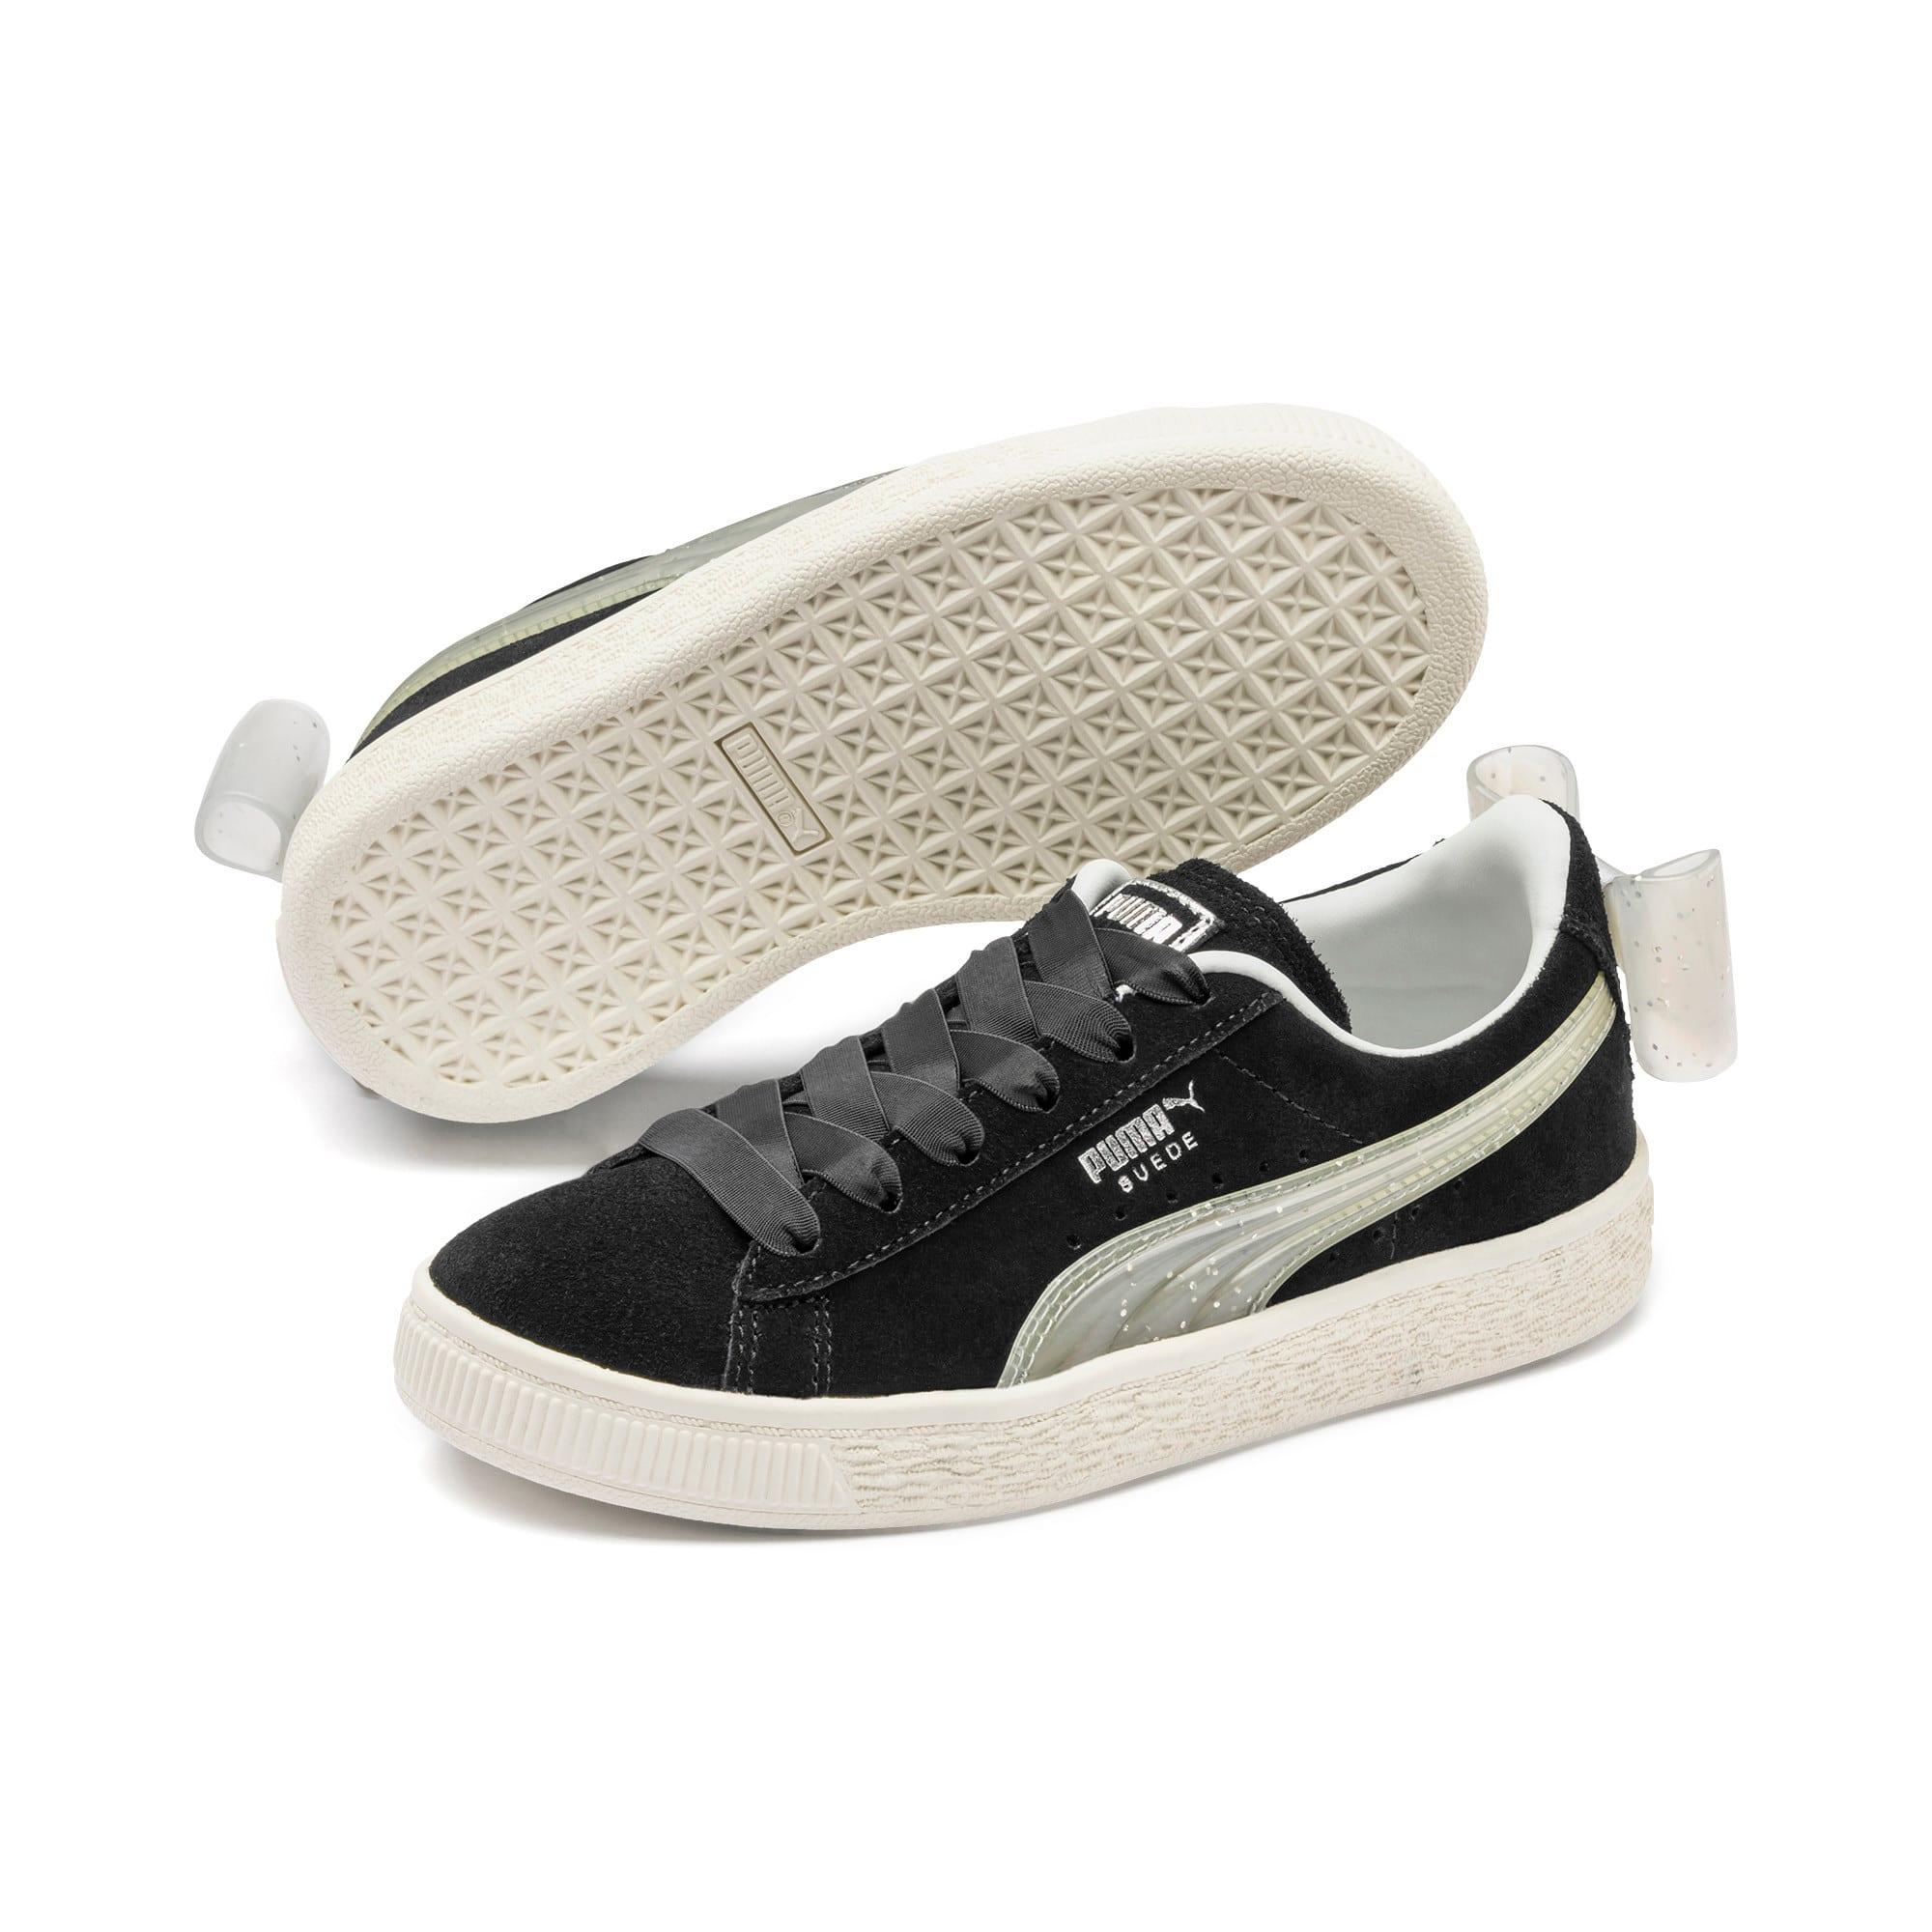 Miniatura 2 de Zapatos Suede Jelly Bow AC para niños, Puma Black-Glac Gray-Silver, mediano